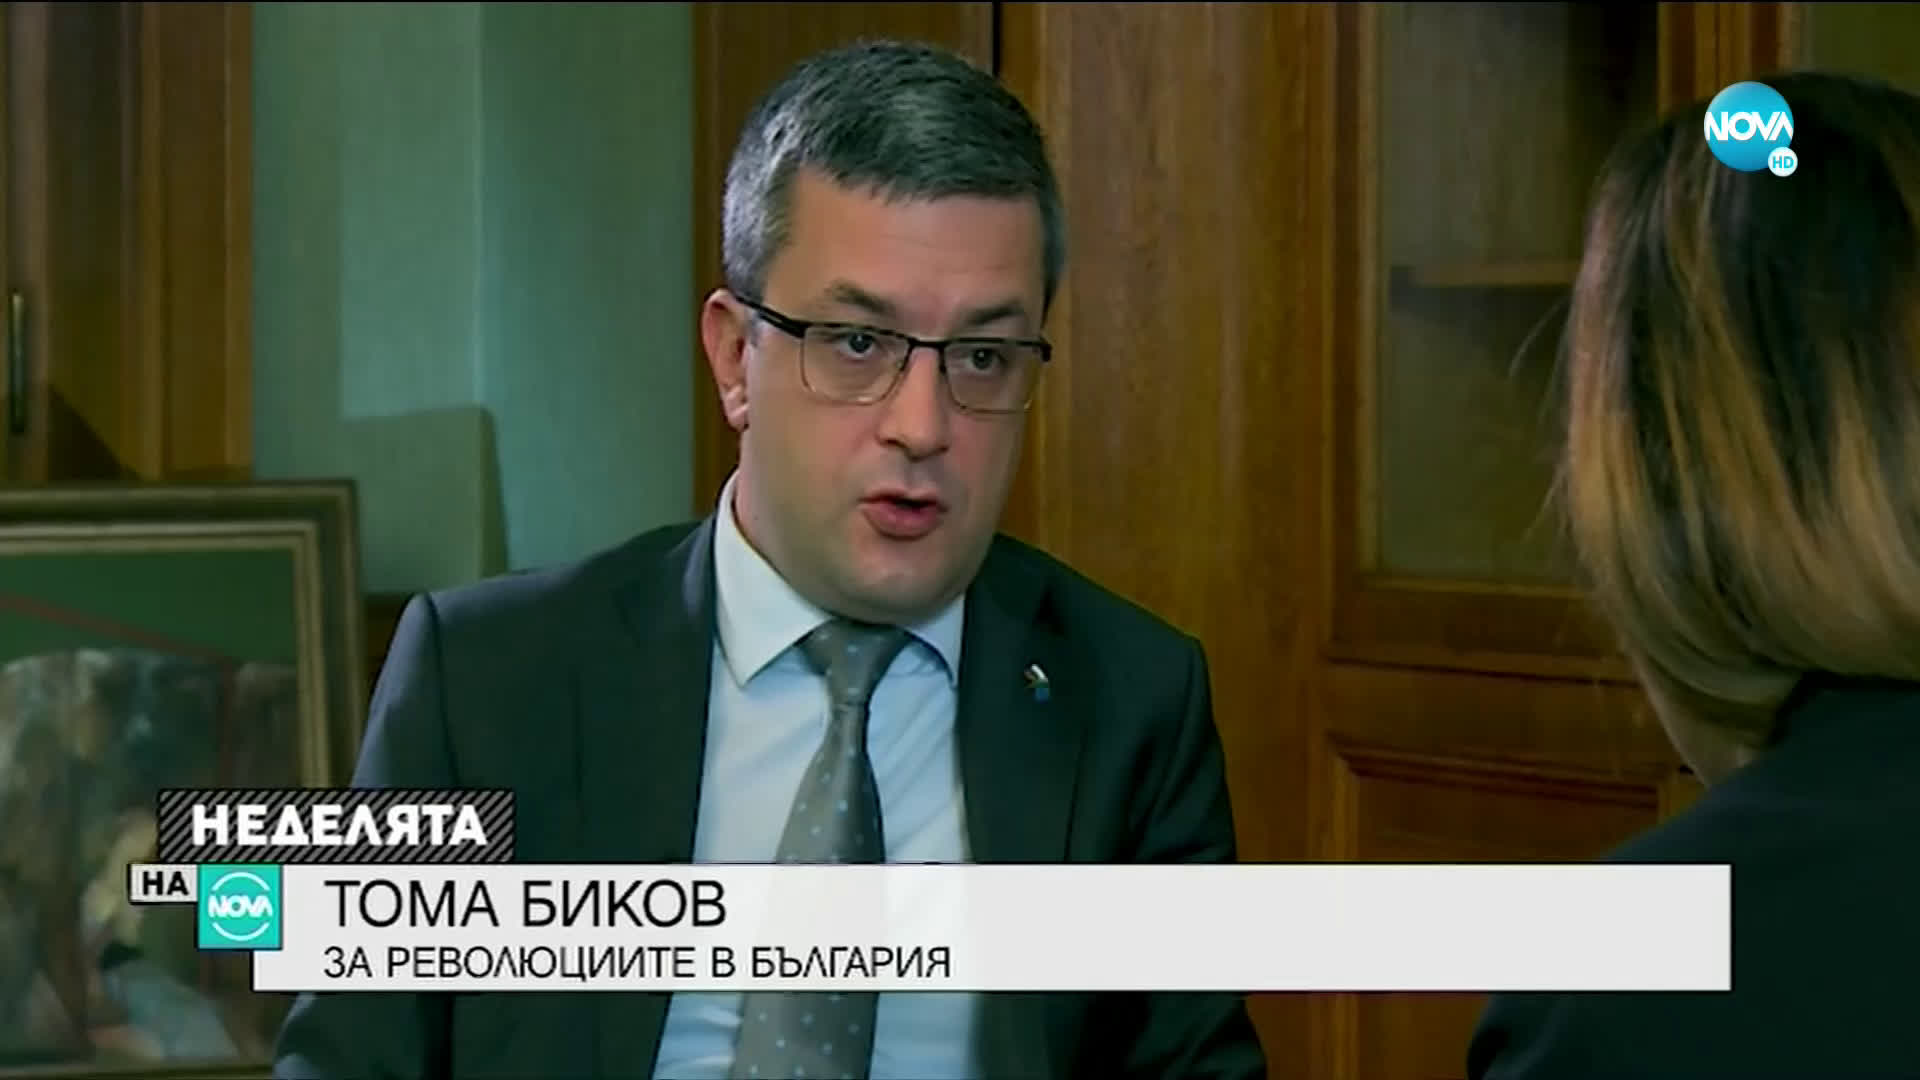 Тома Биков за революциите в България